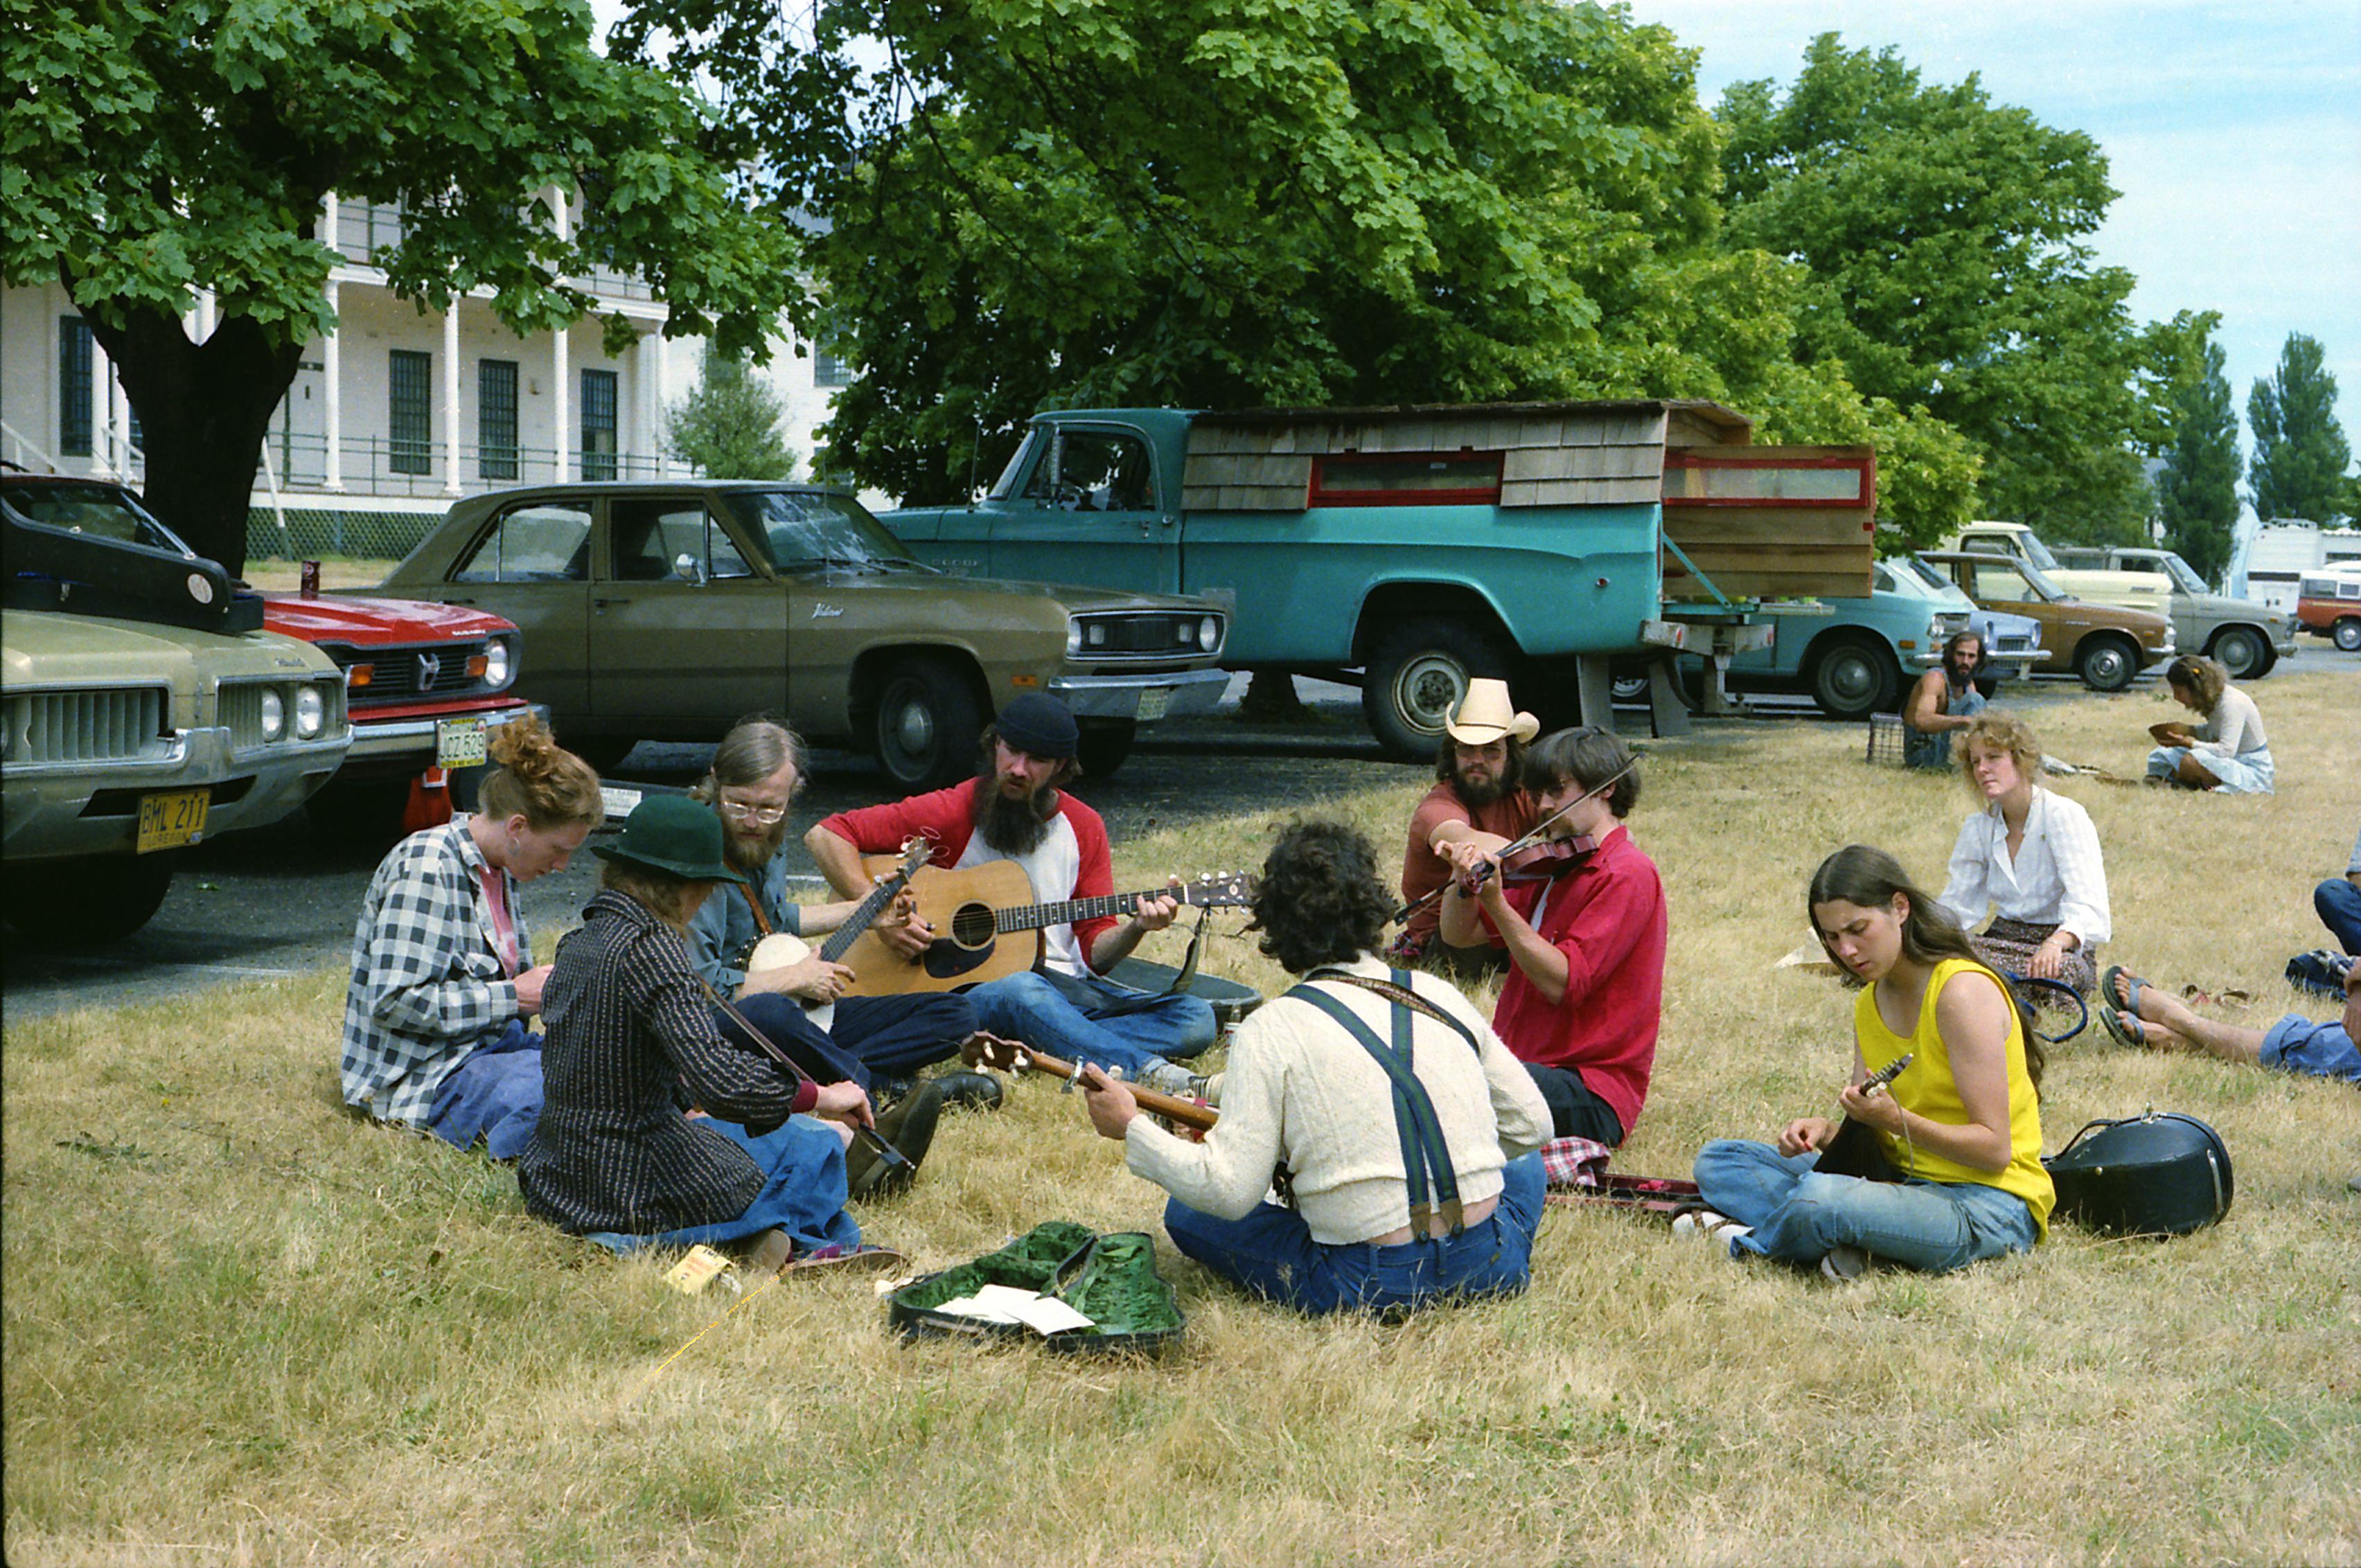 Outside jam session